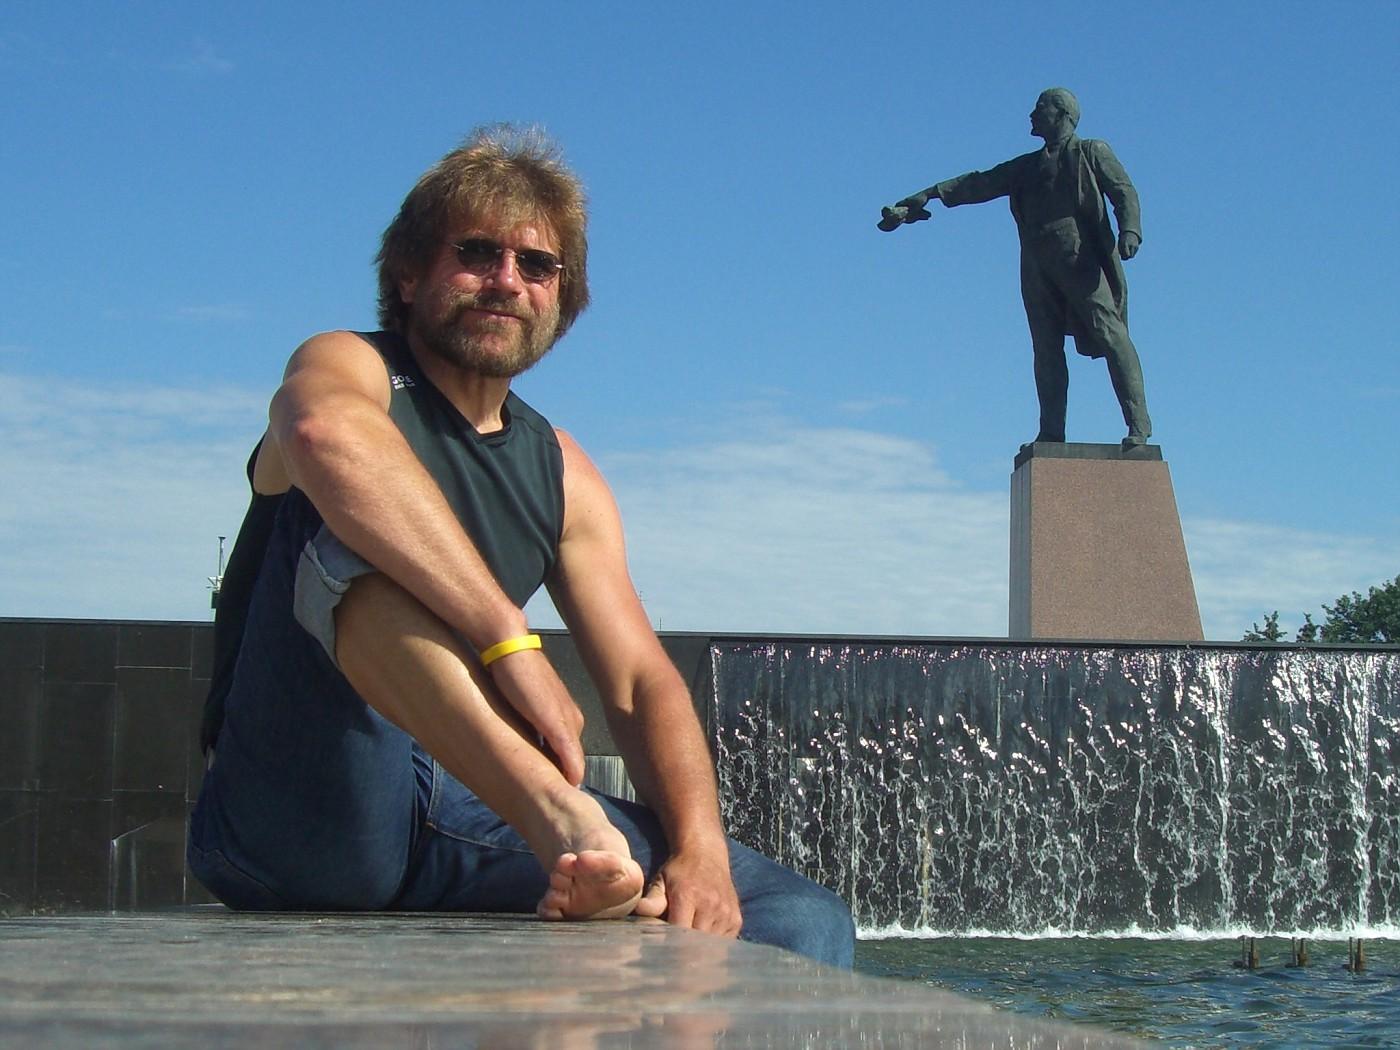 Manfred nach der Tour zufrieden in St. Petersburg